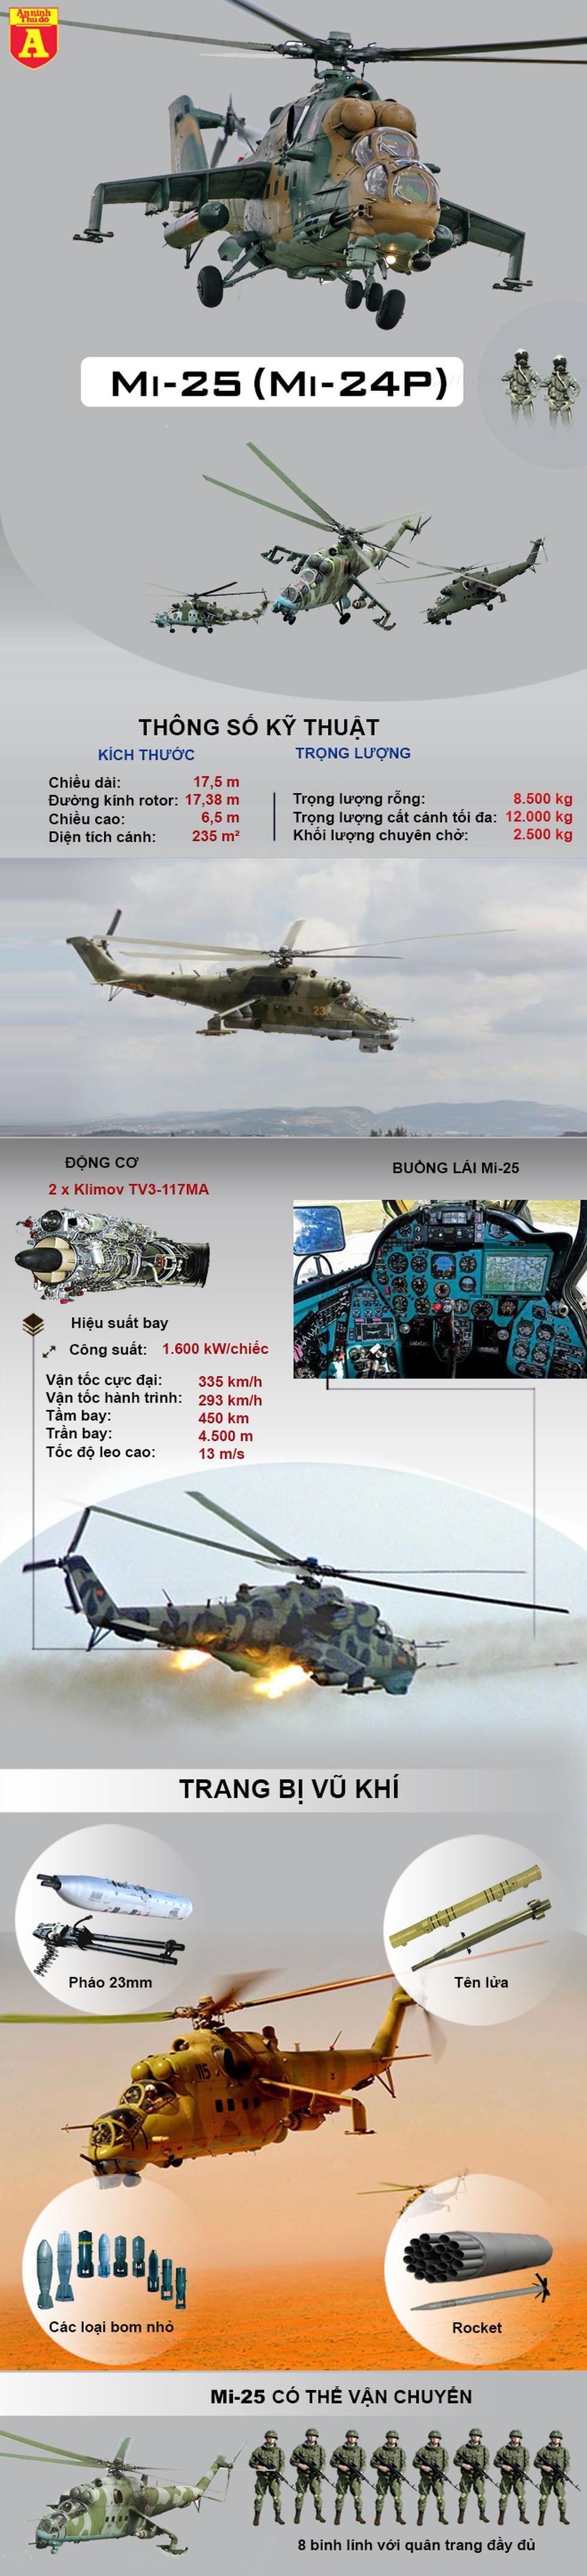 """[Infographics] Không quân Syria tổn thất nghiêm trọng khi mất thêm """"xe tăng bay"""" Mi-25 - Ảnh 1"""